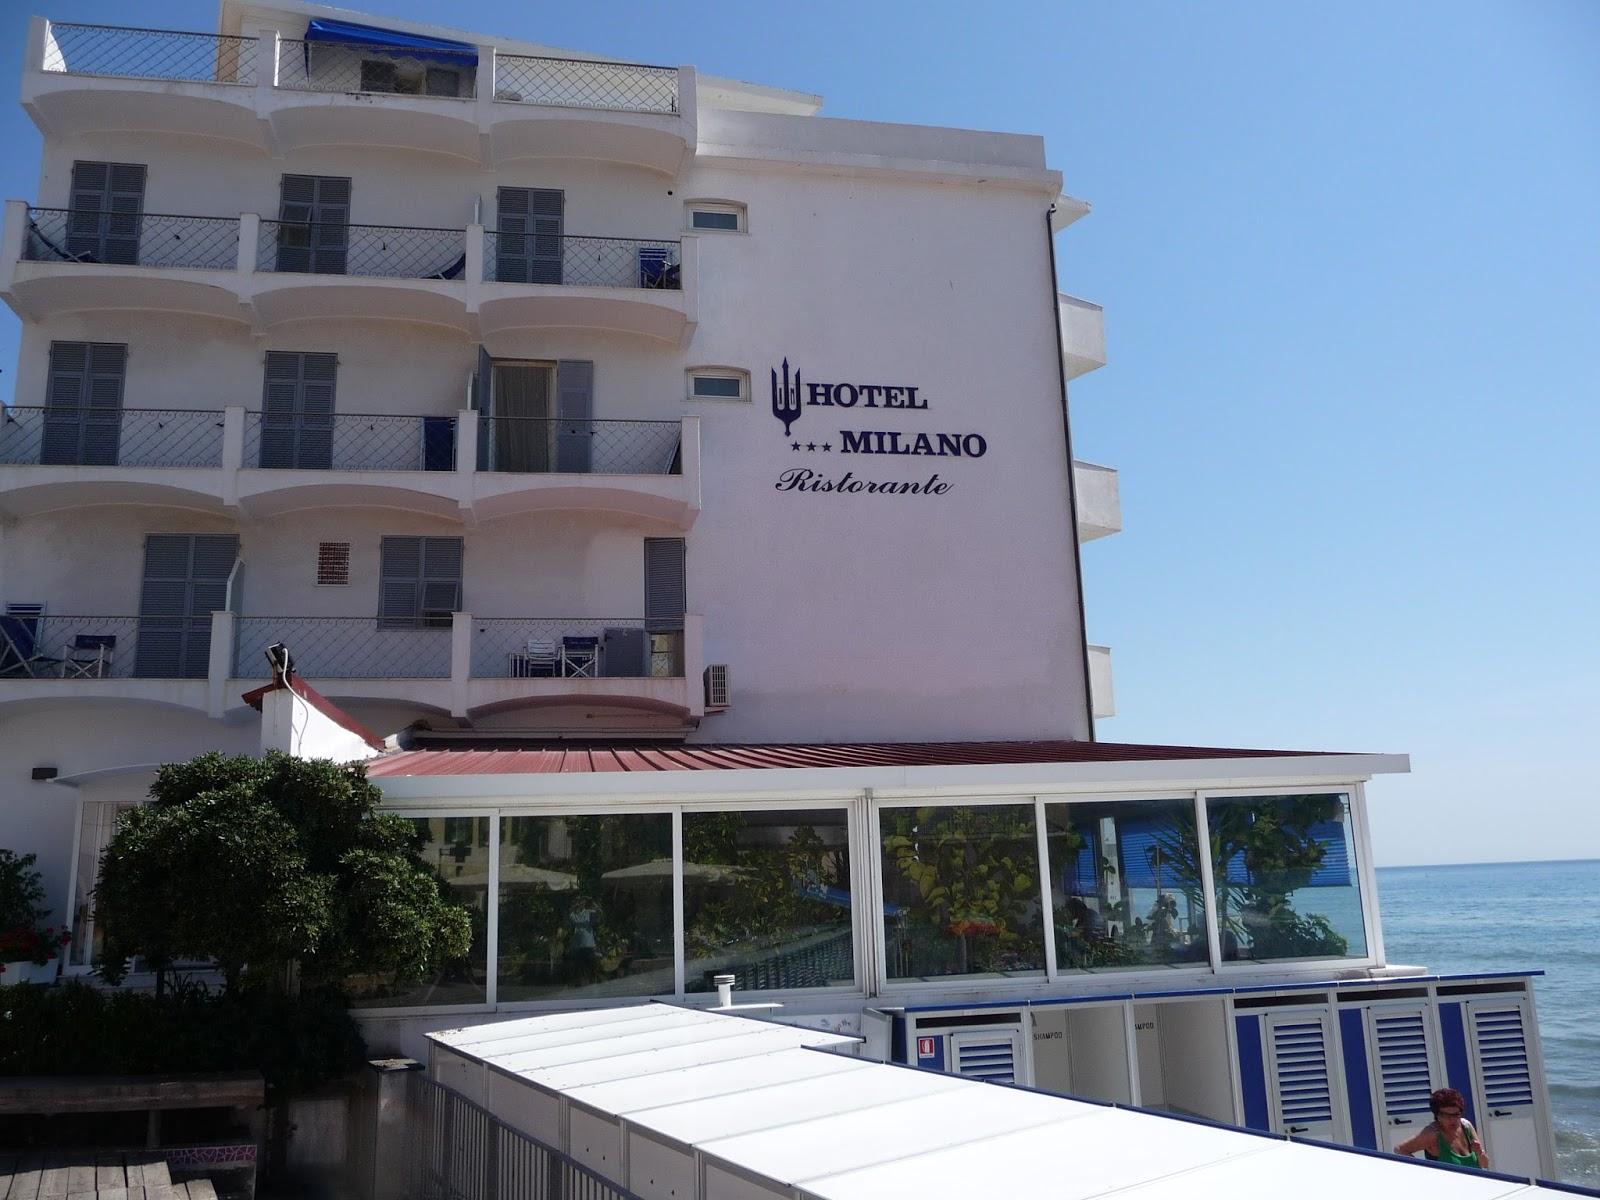 Alassio hotels no 1 for Hotel milano alassio